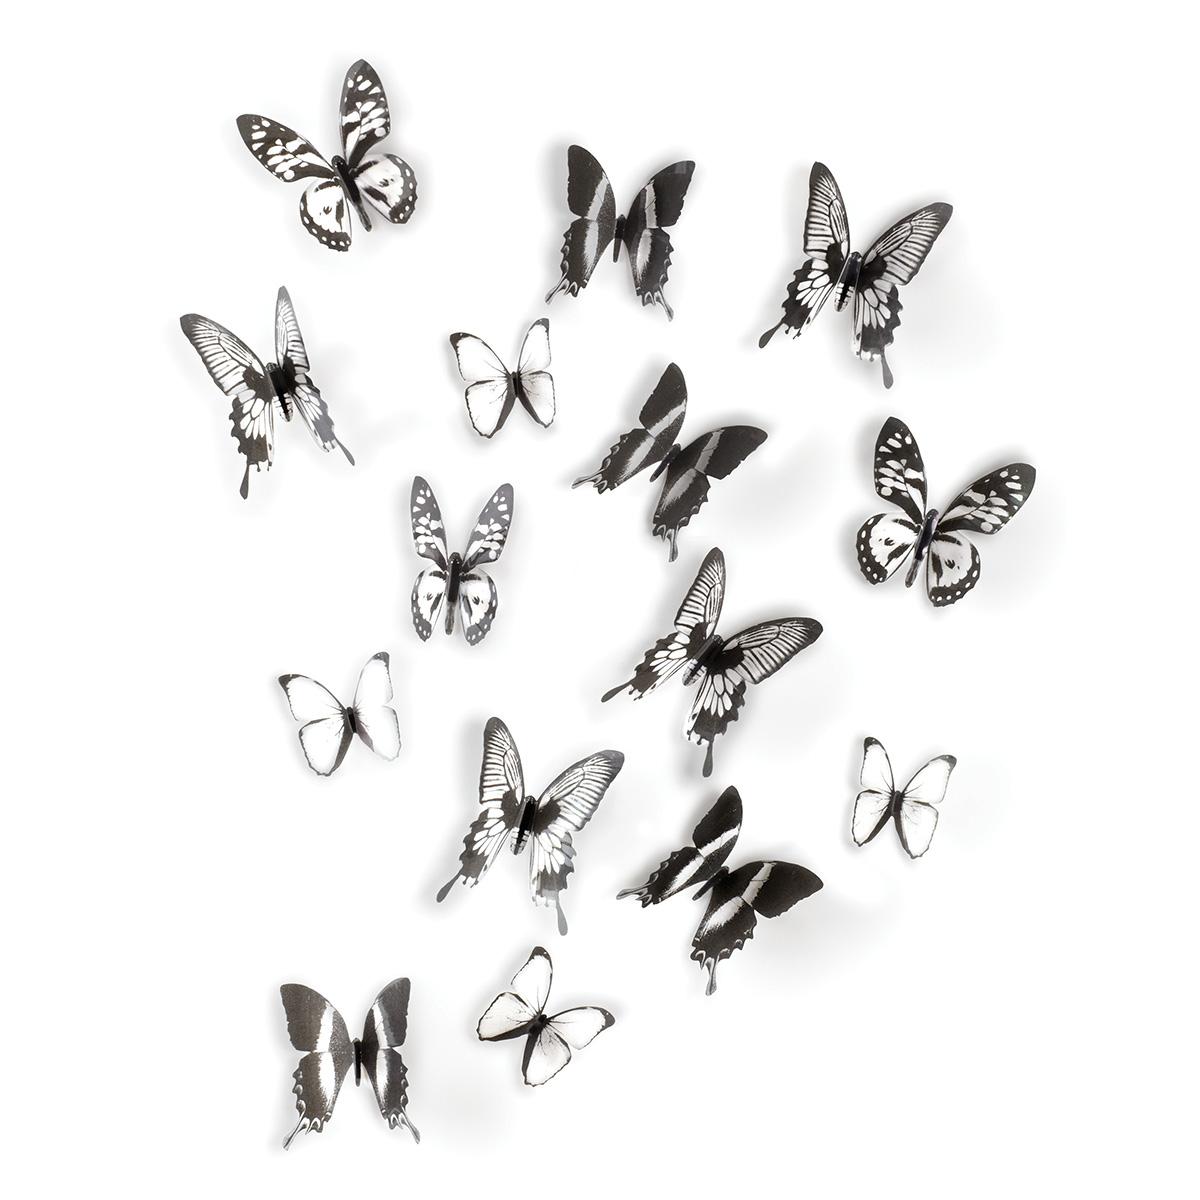 Umbra Chrysalis Muurdecoratie Set van 15 Zwart-Wit